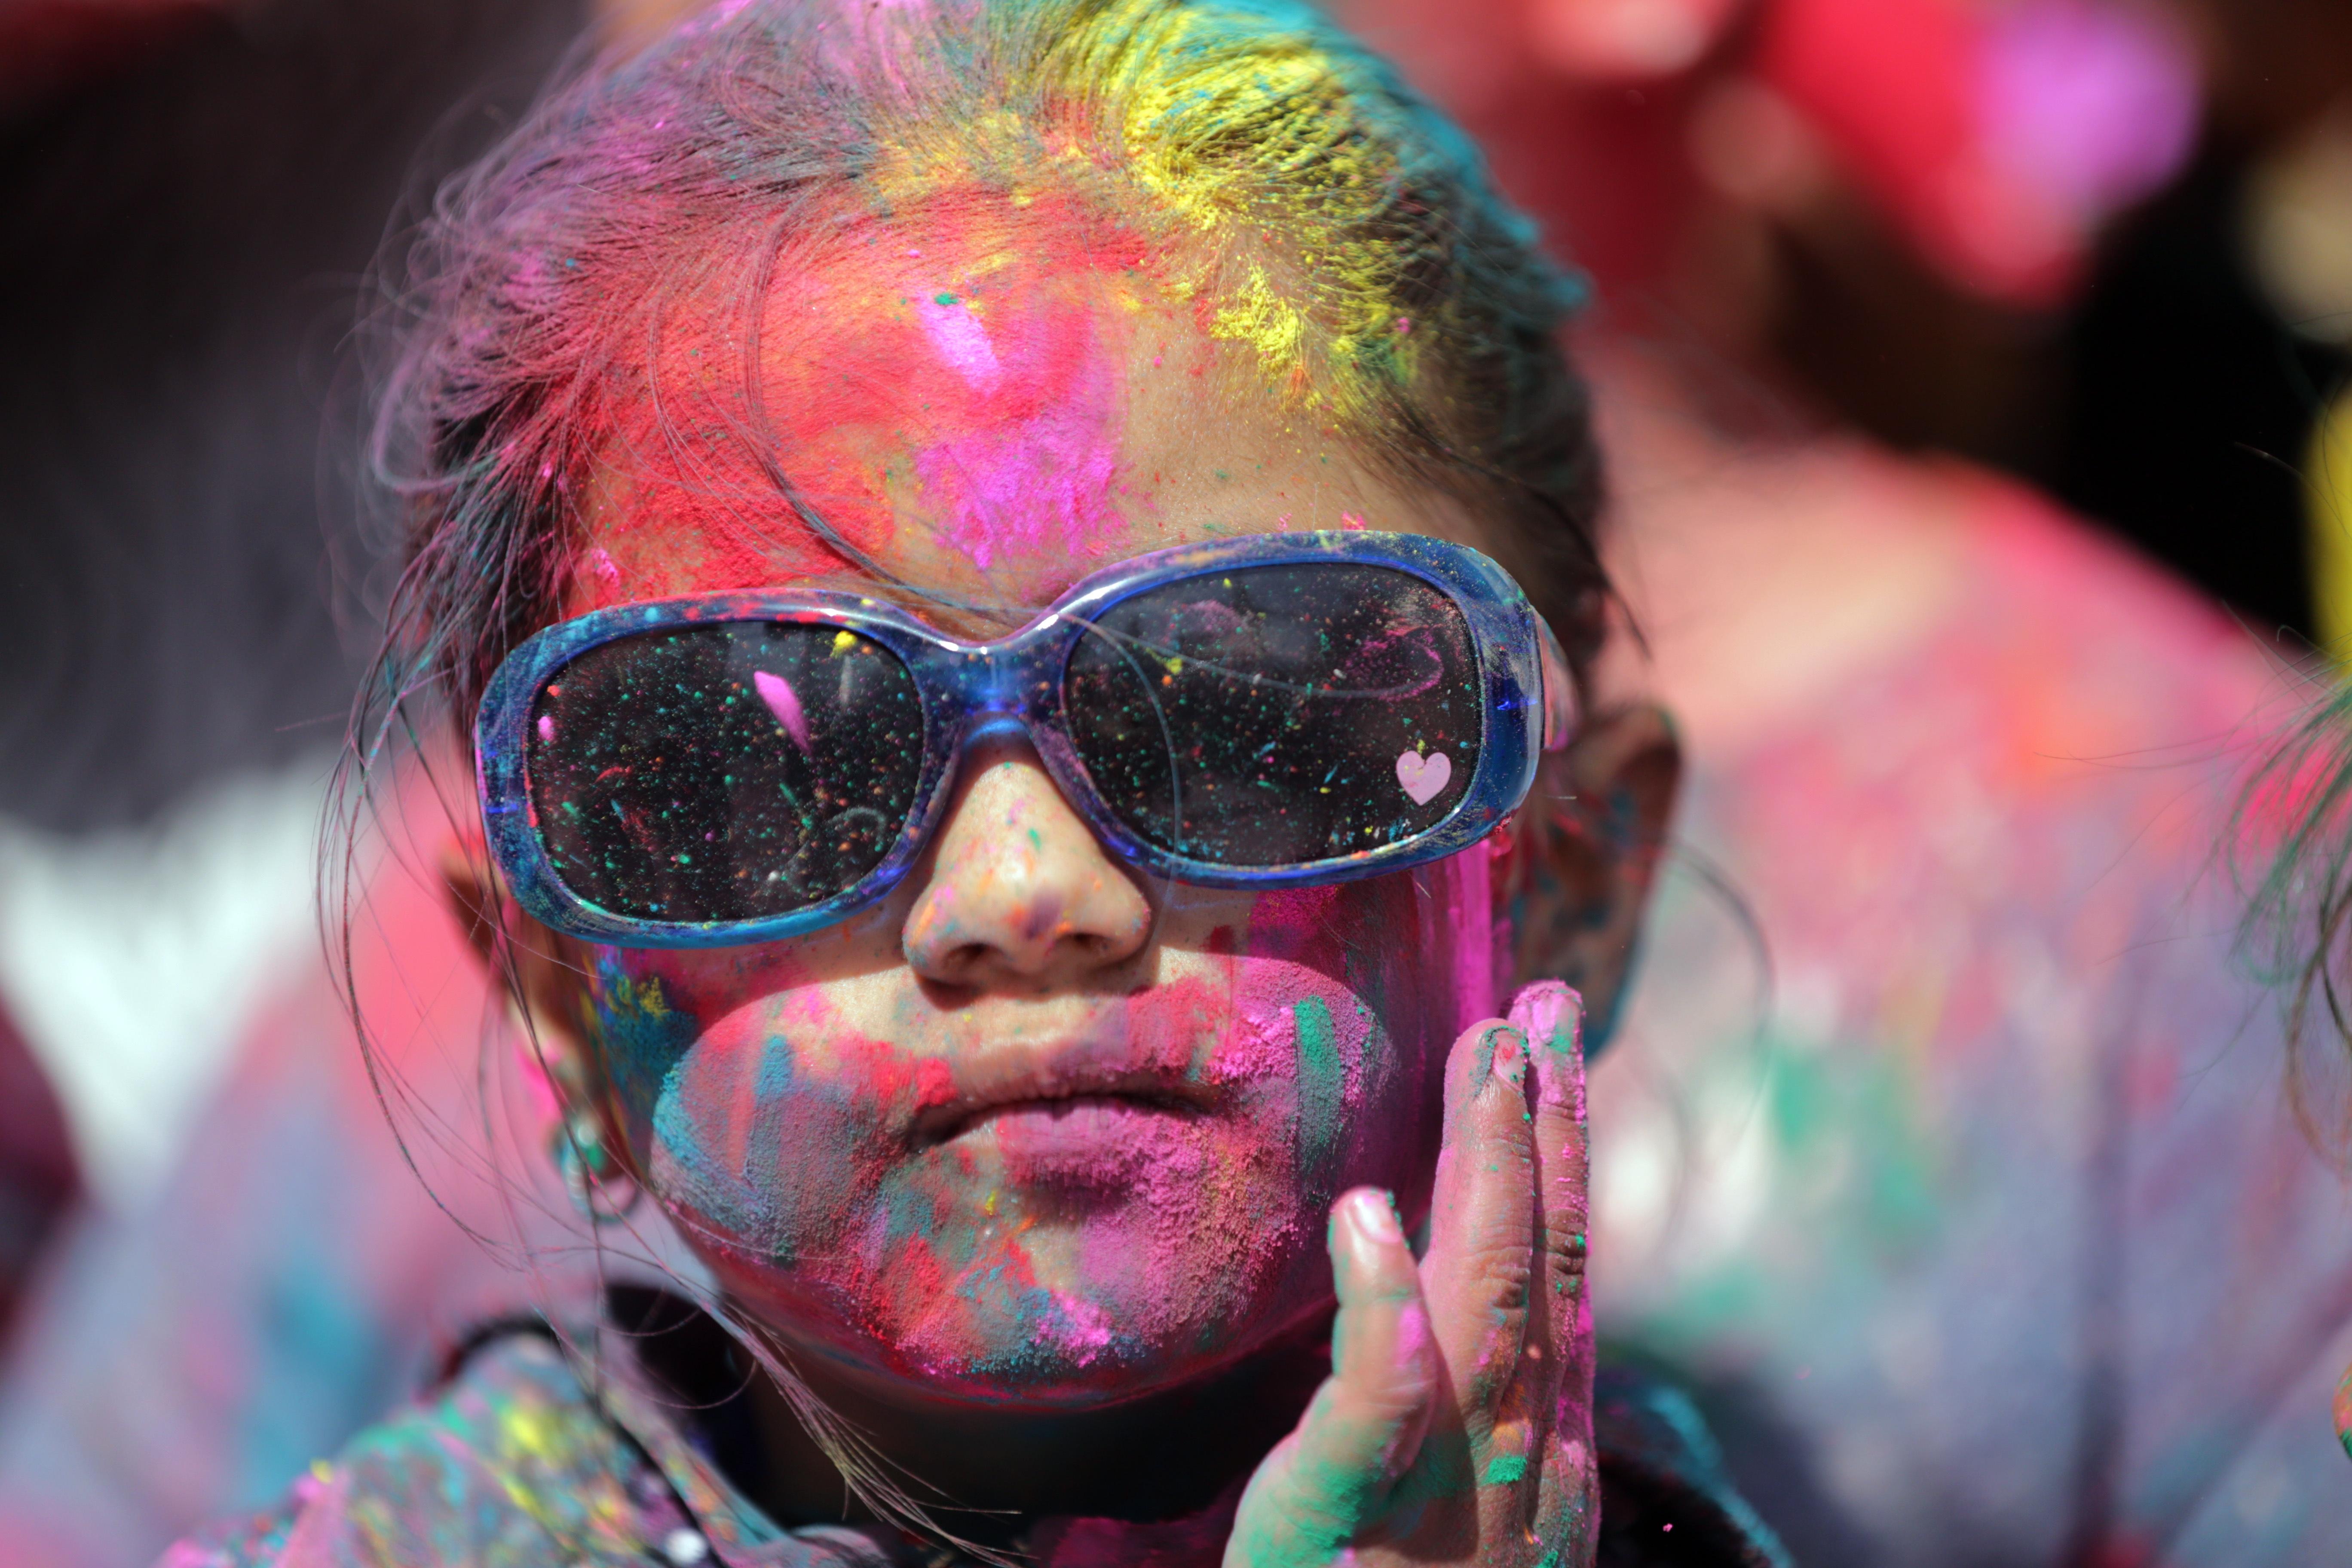 Празникът Холи, който се провежда от векове в цяла Индия